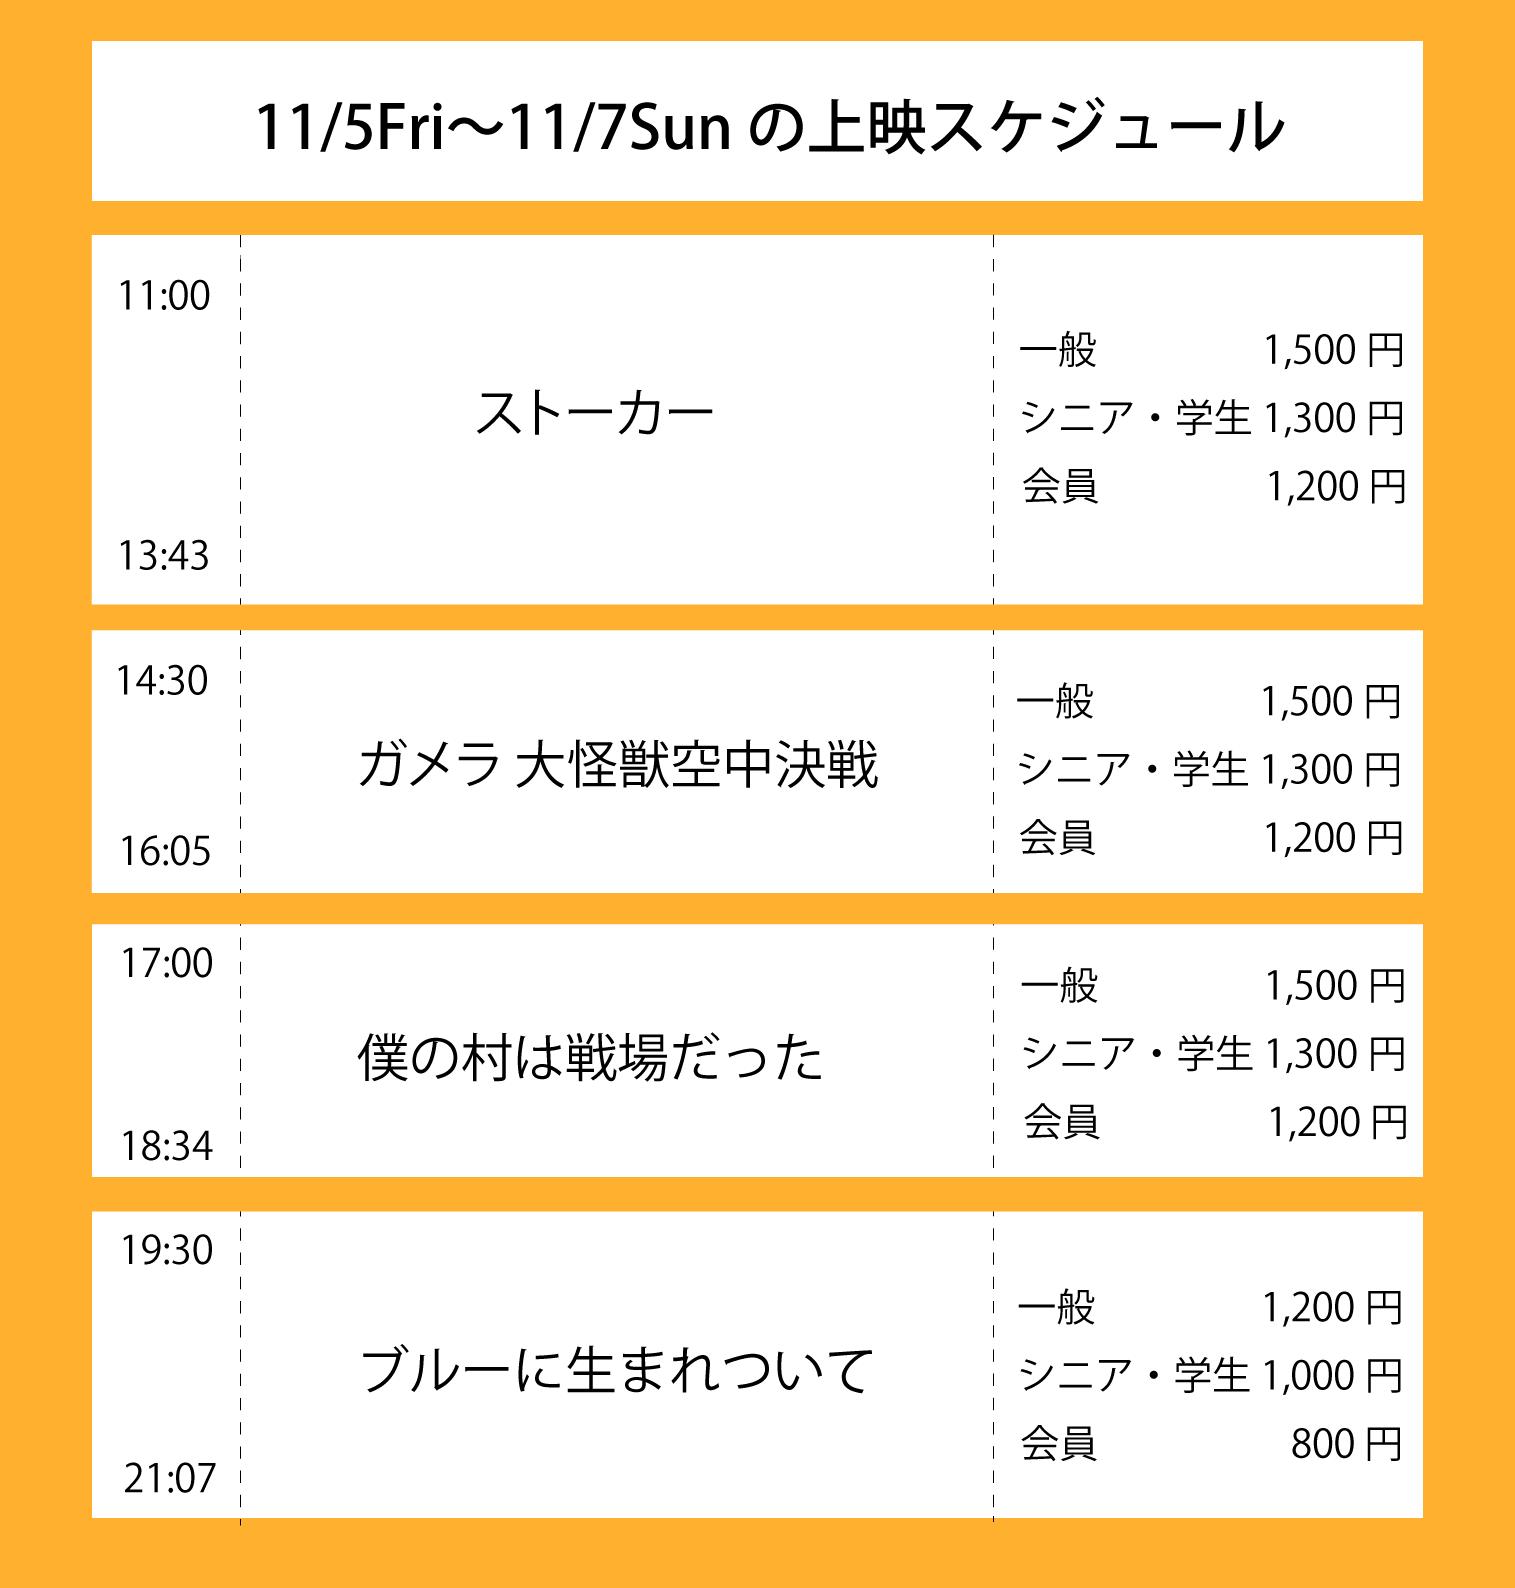 翌々々週の上映スケジュール